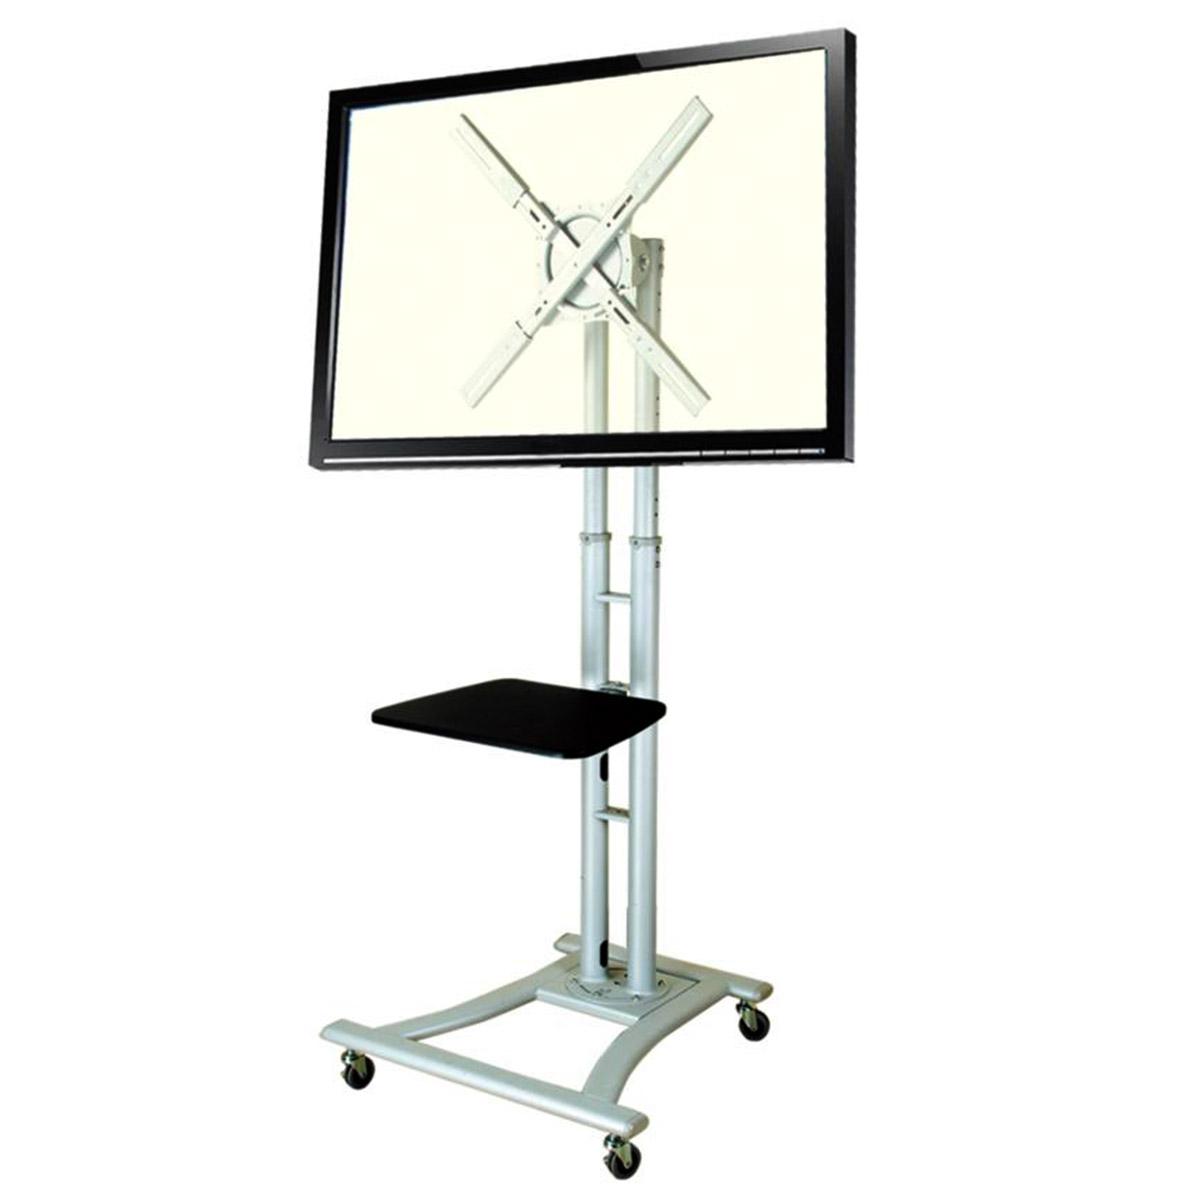 大型TV移動式スタンド(縦置き・横置き両対応)